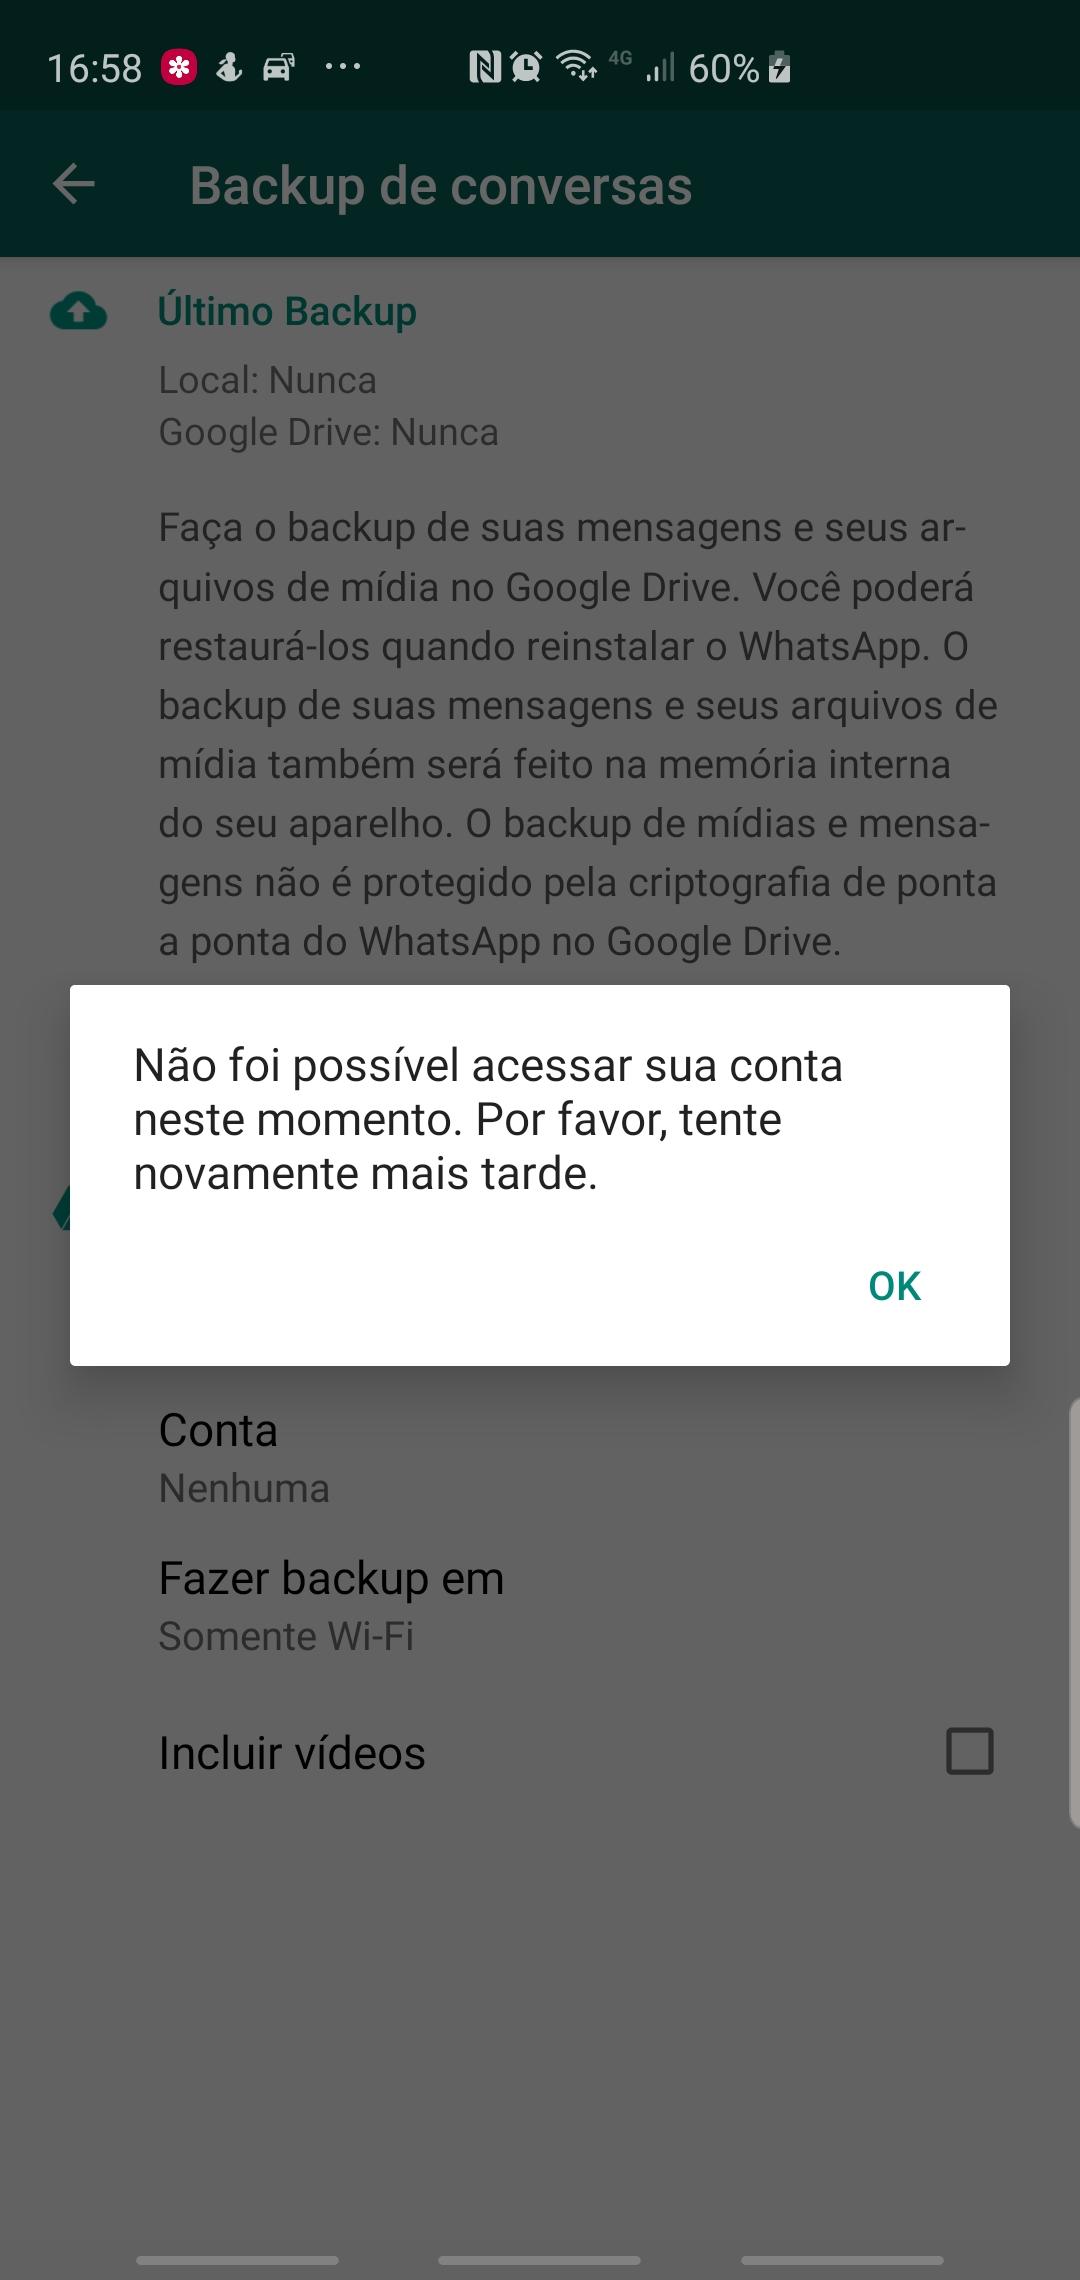 Ta Dando Erro Pra Vincular A Minha Conta Do Google Drive No